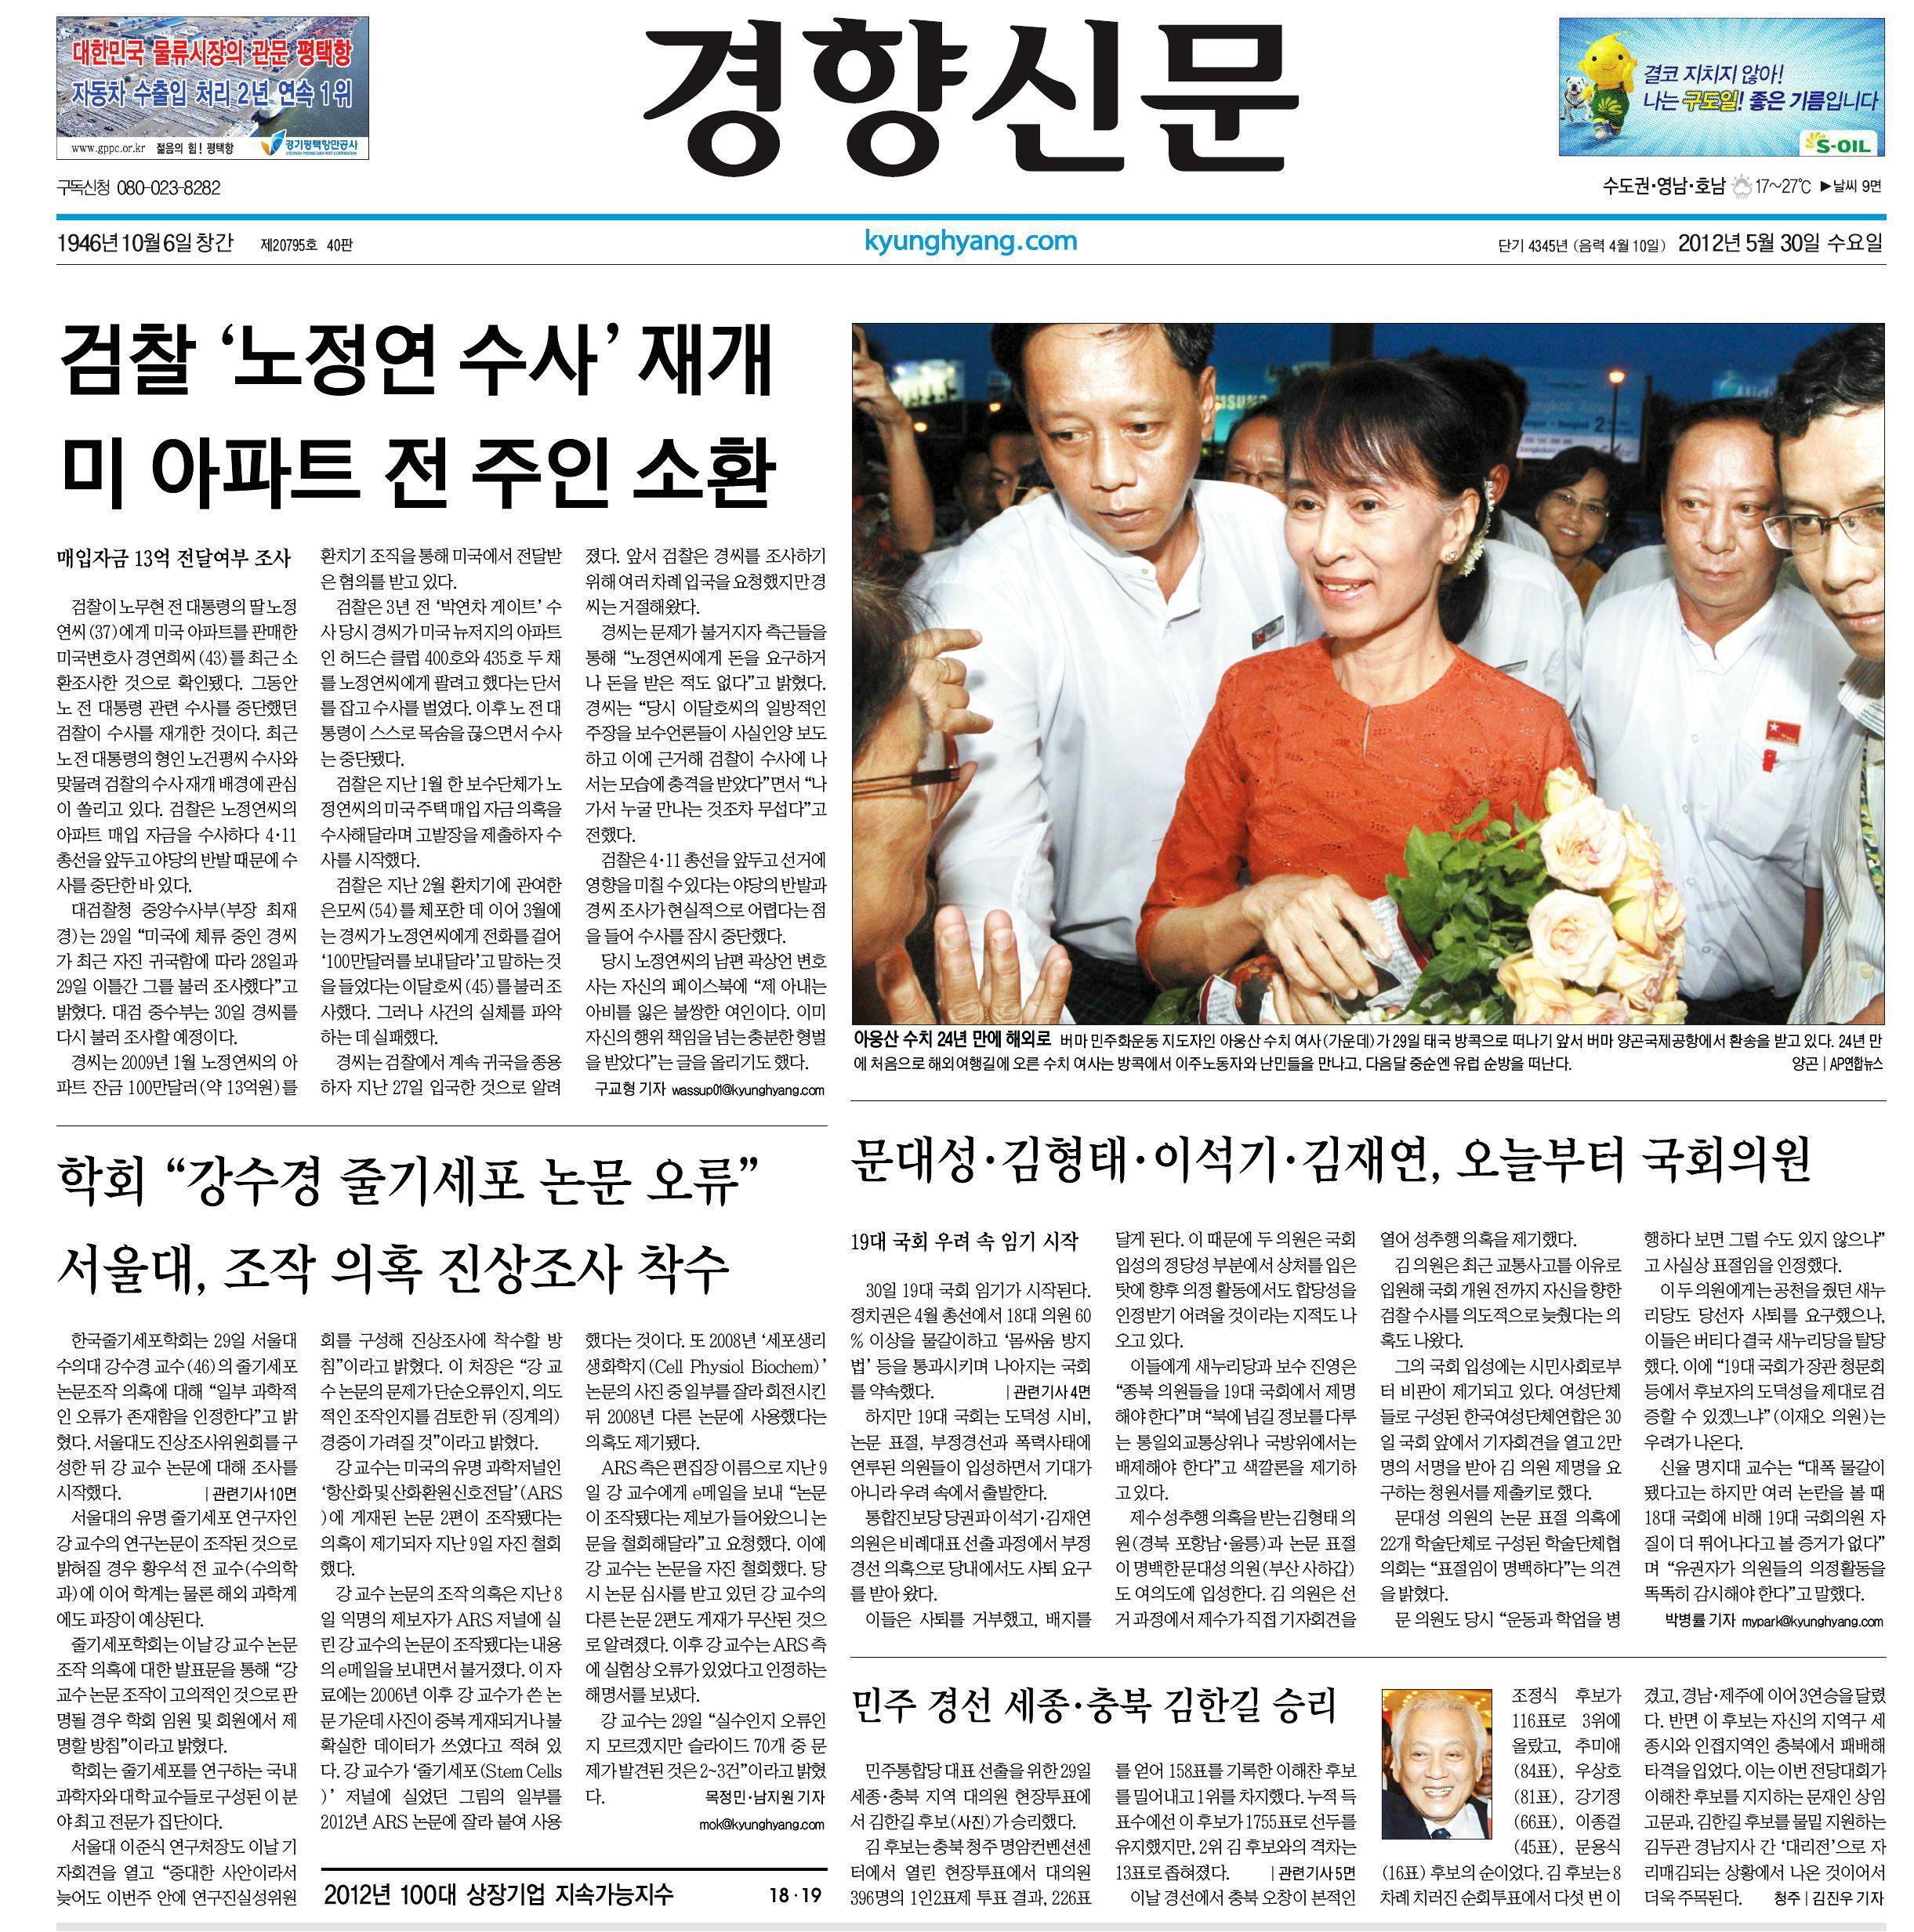 5월 30일 경향신문 1면입니다.